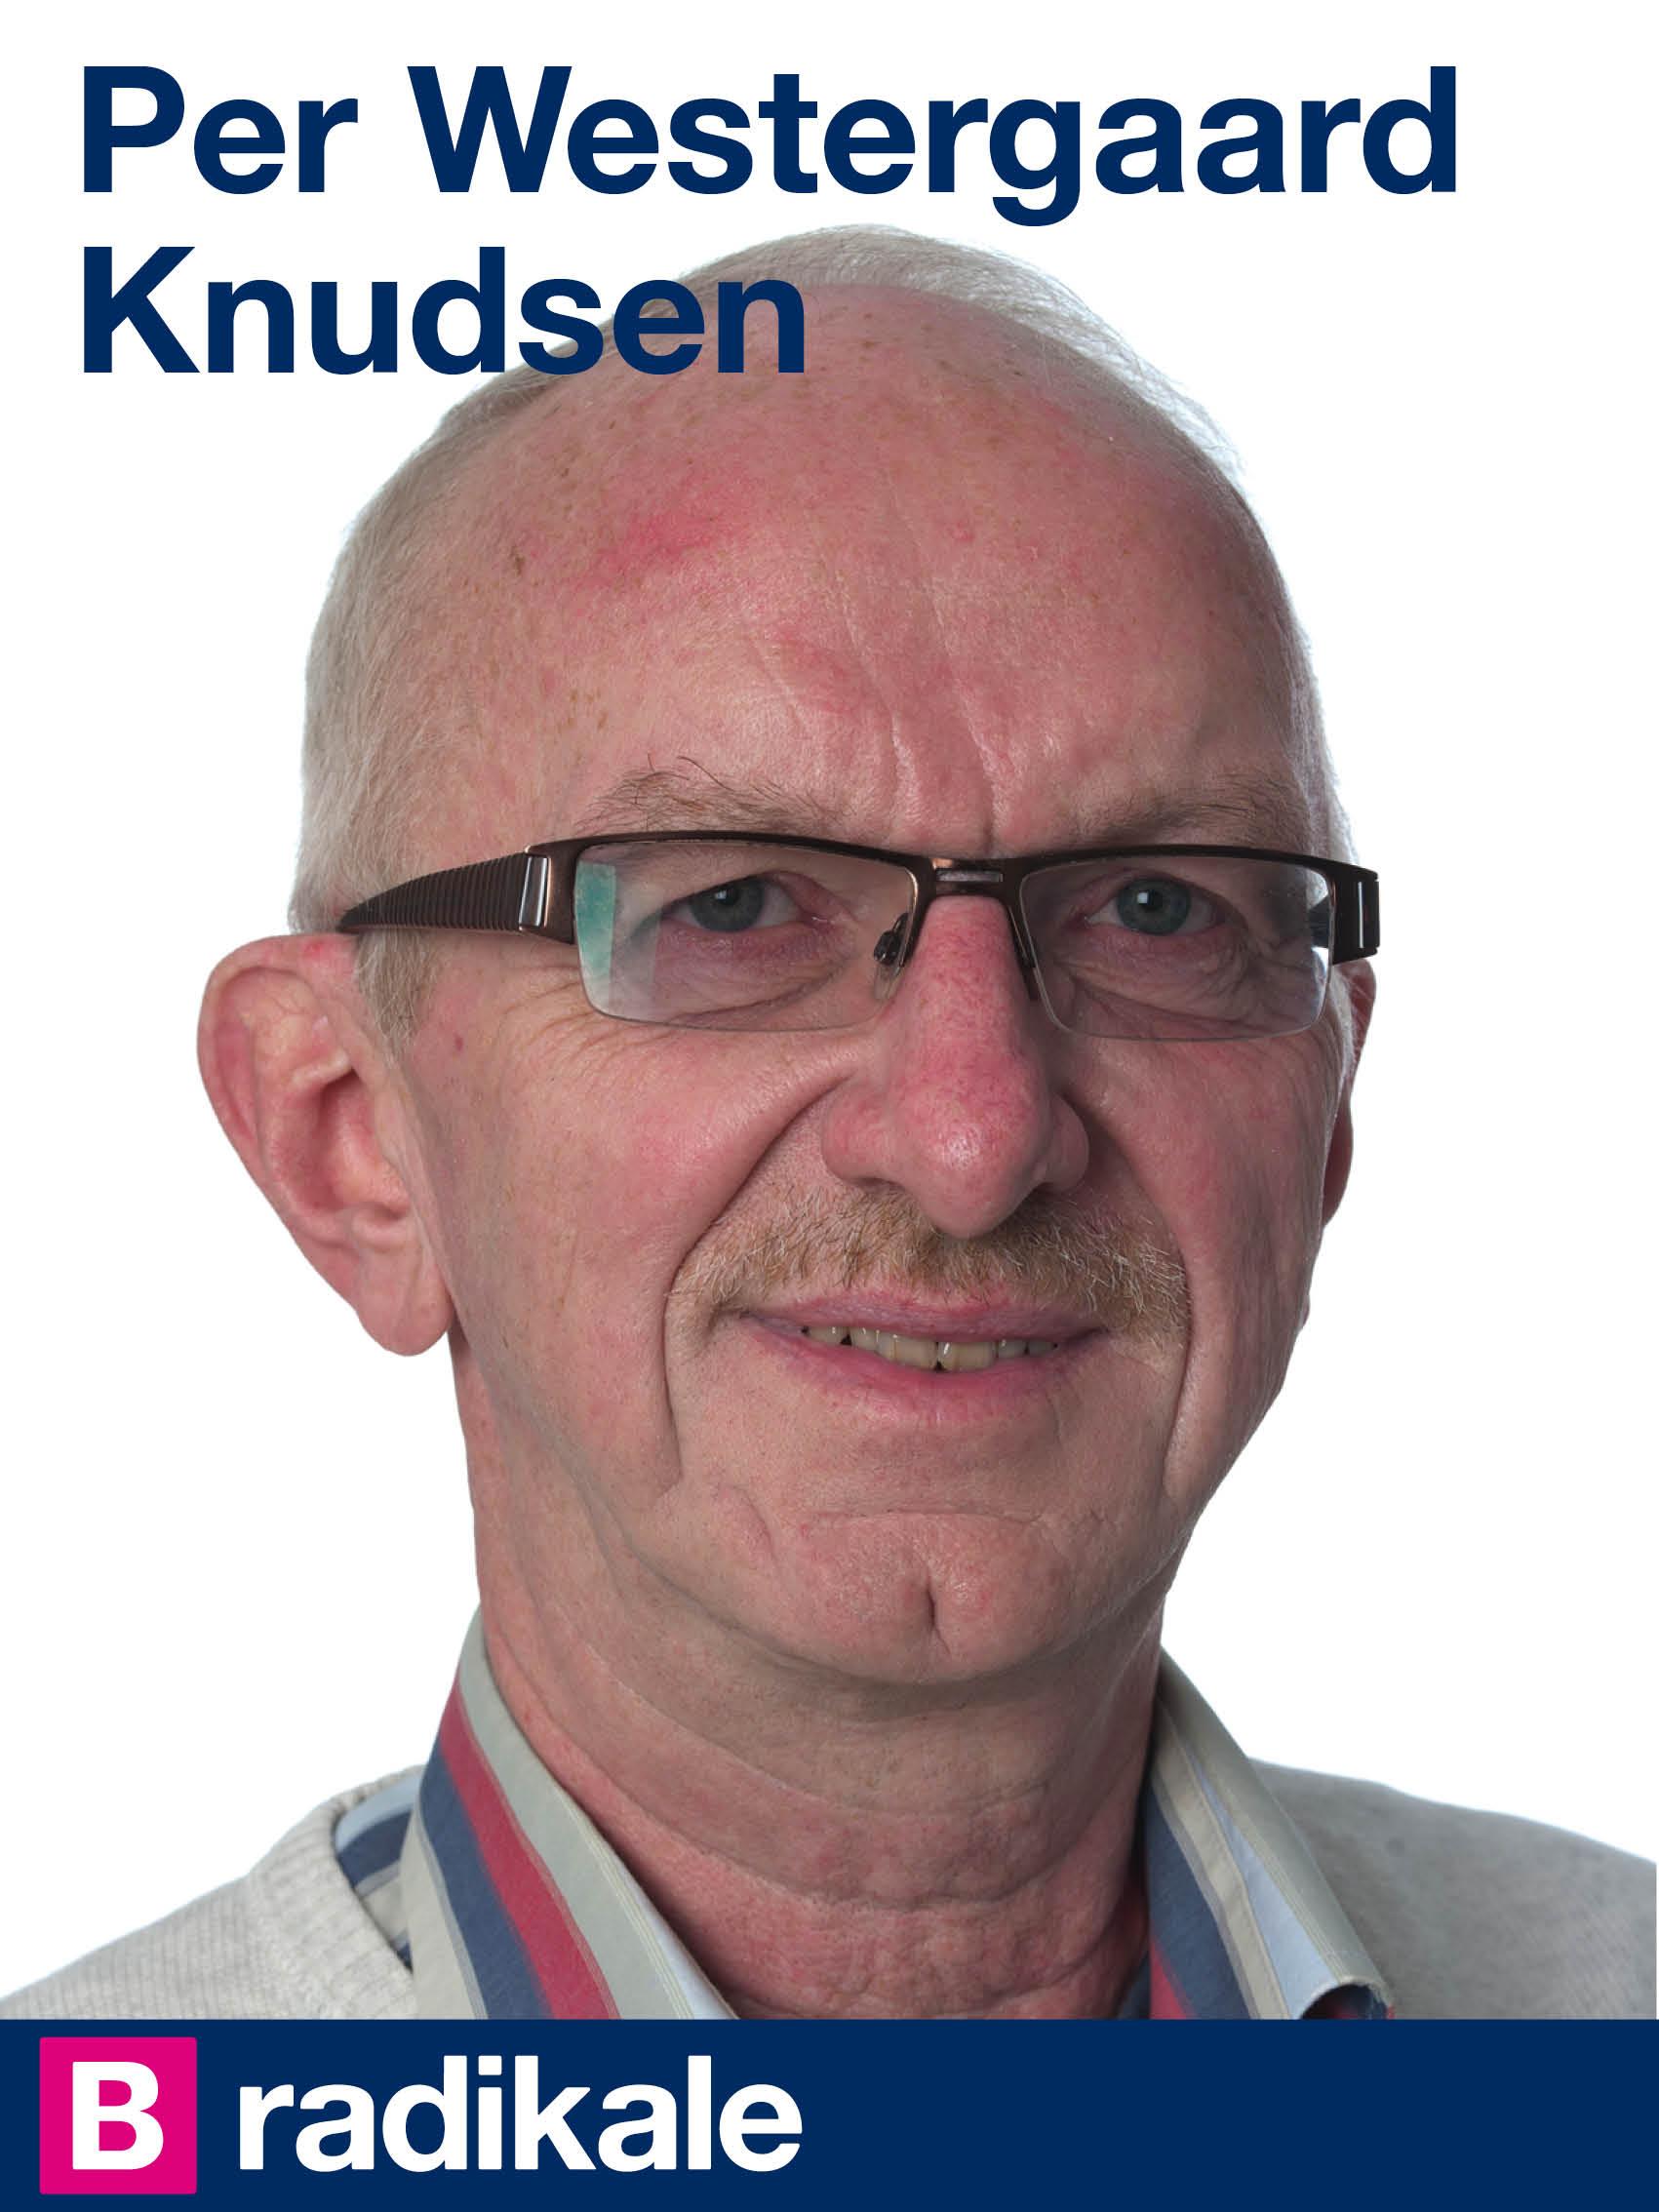 Per Westergaard Knudsen